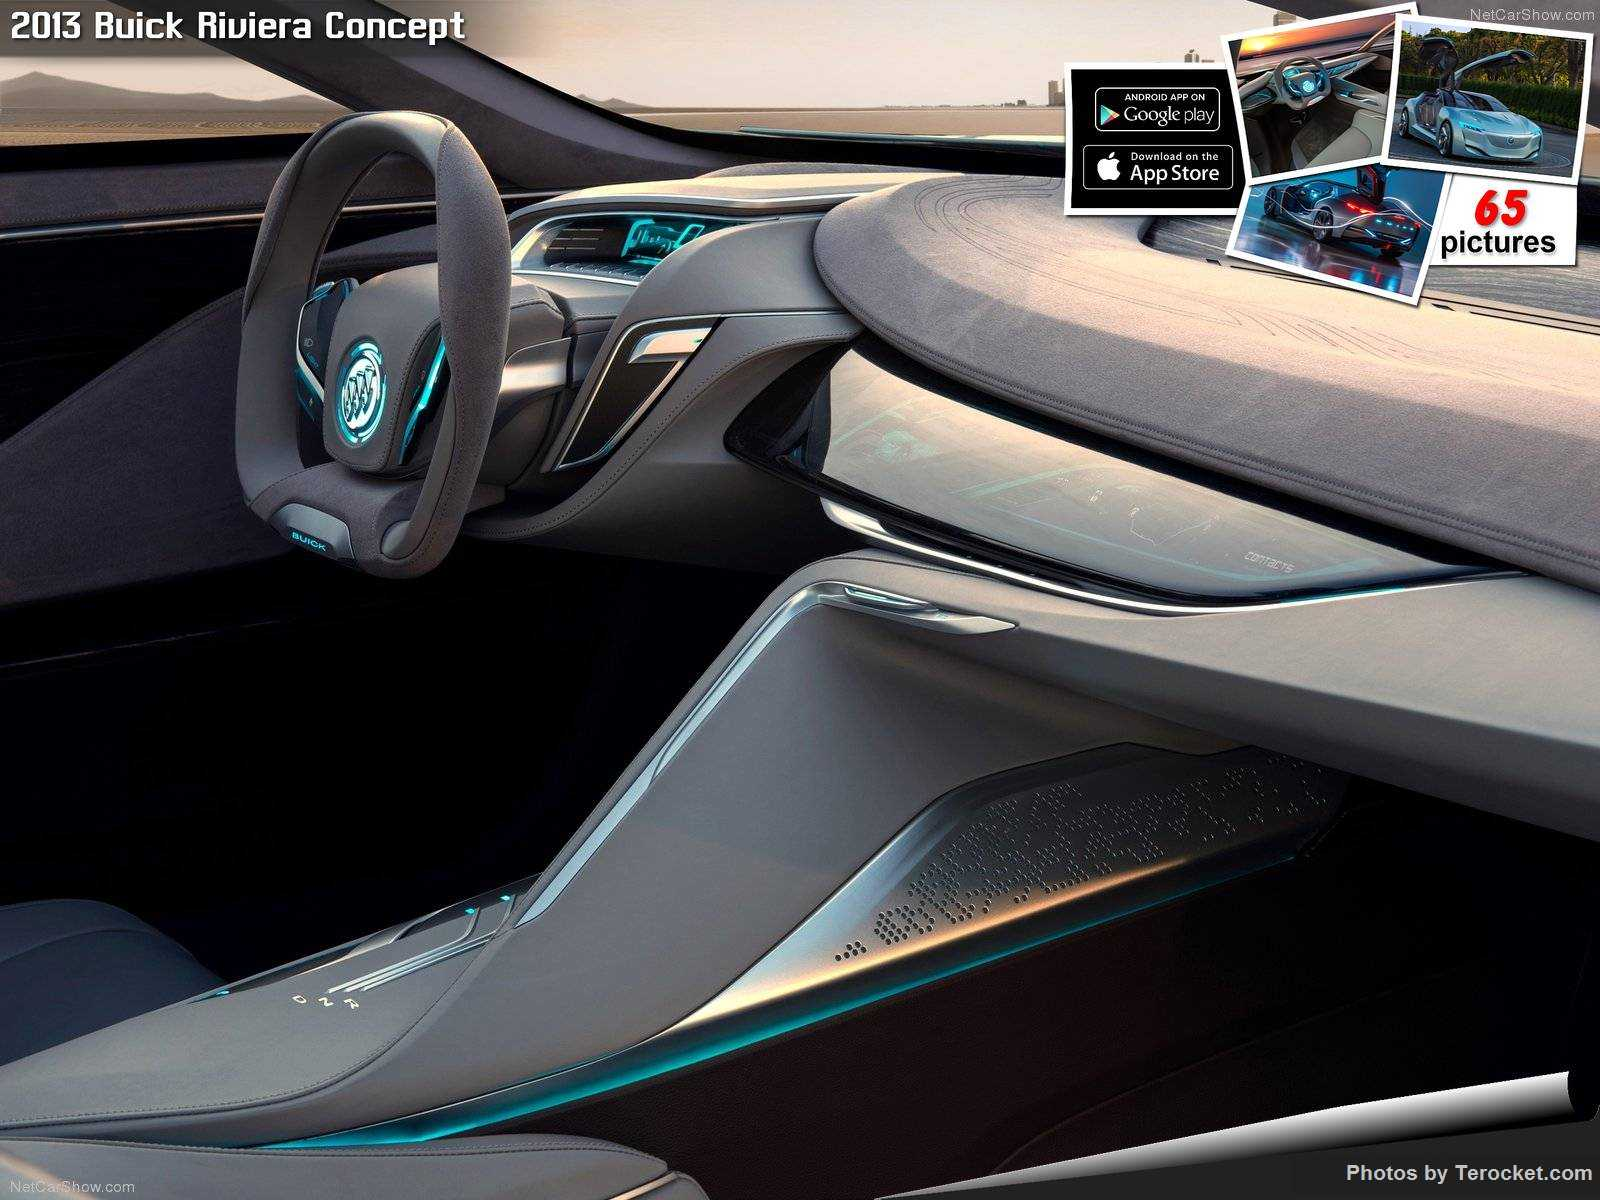 Hình ảnh xe ô tô Buick Riviera Concept 2013 & nội ngoại thất